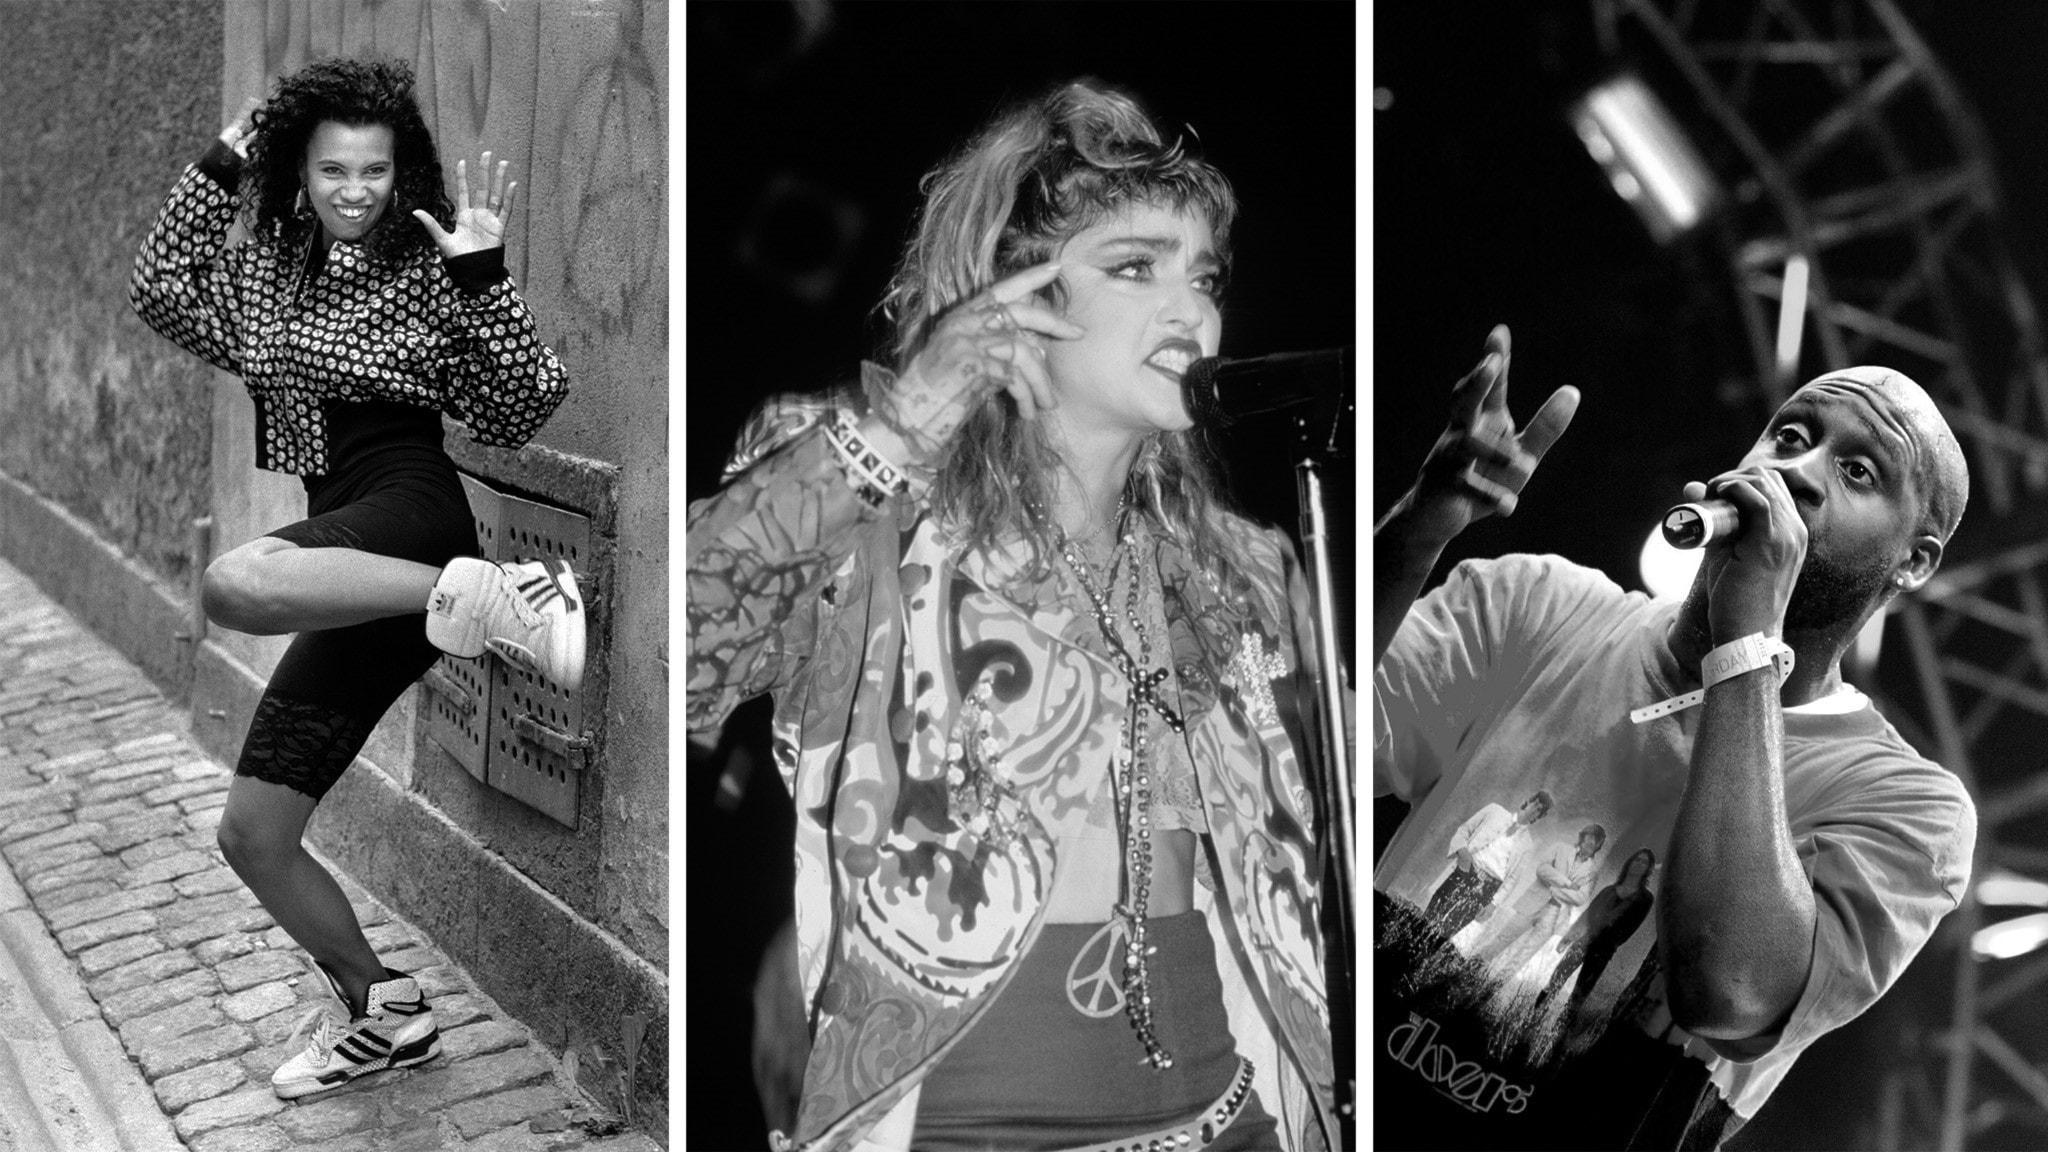 Året var 1989: The Soundtrack of 1989